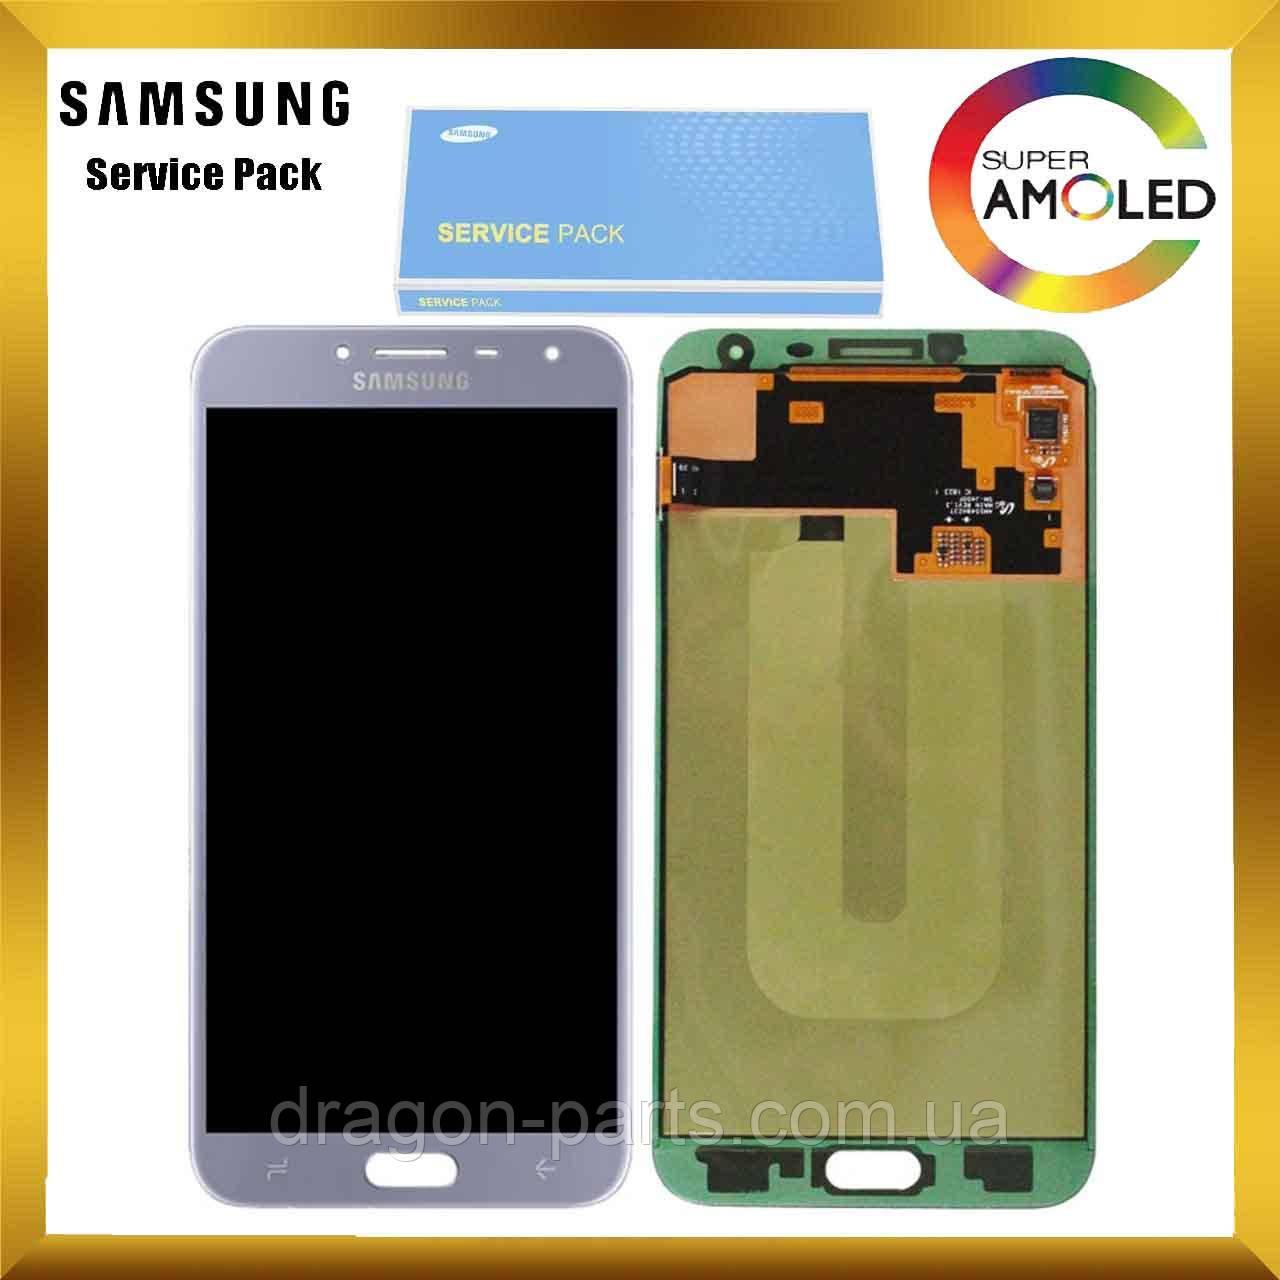 Дисплей Samsung J4 Galaxy J400 2018 Фиолетовый Lavenda GH97-21915C, оригинал